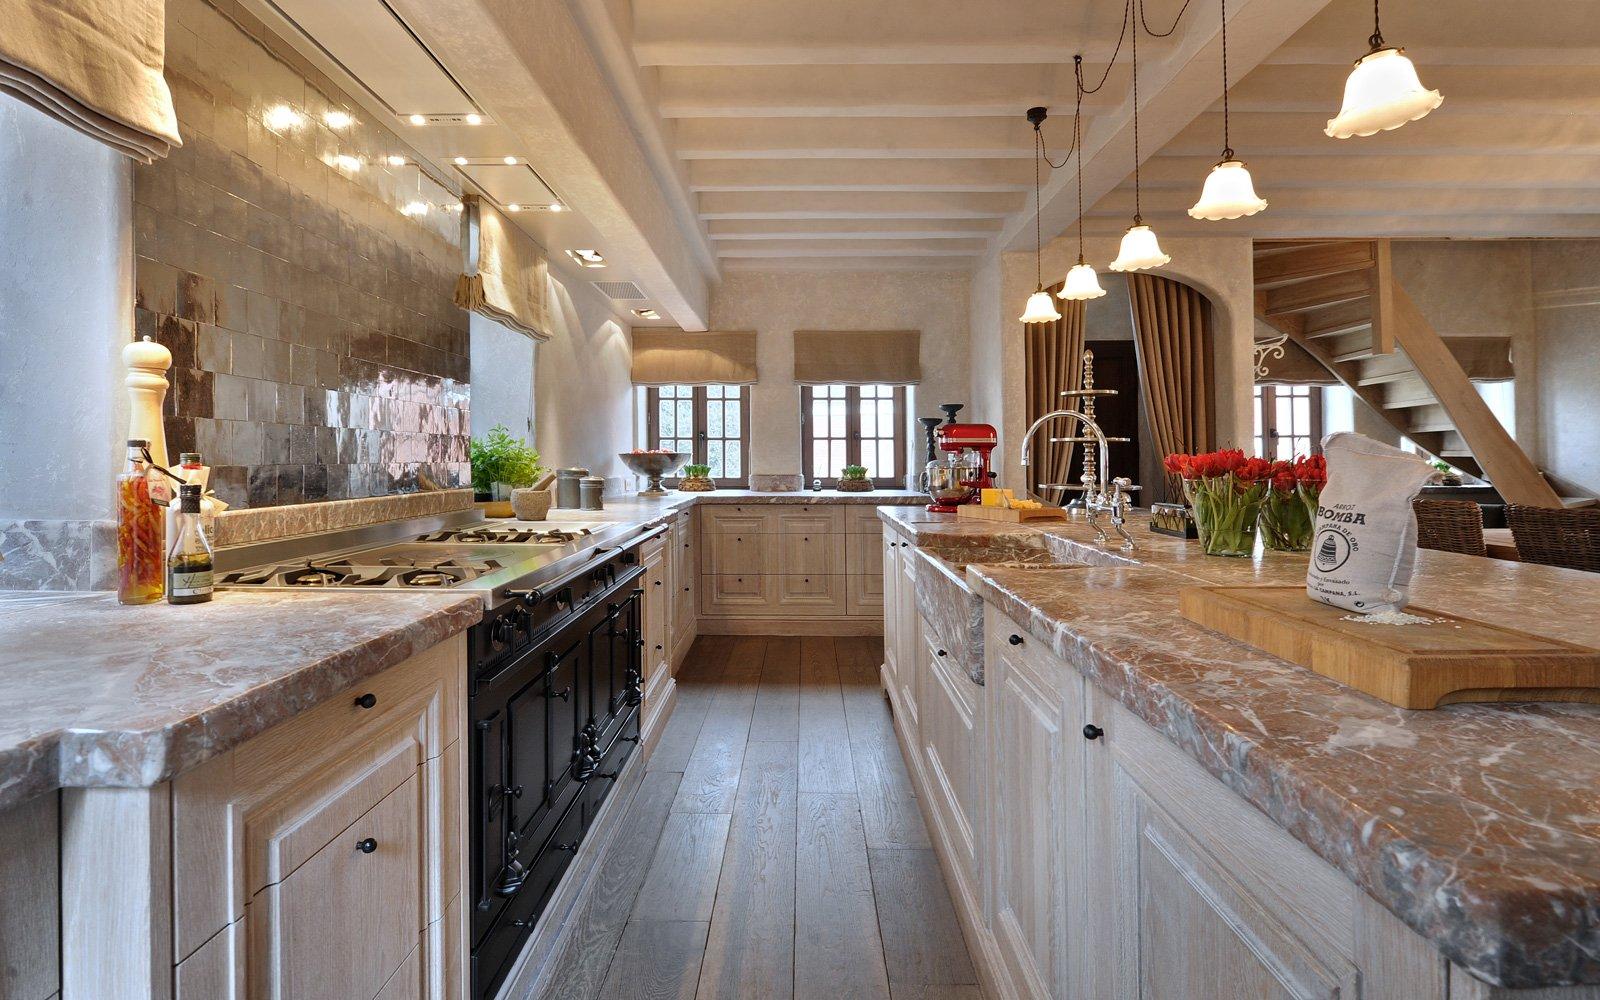 Keuken, Rond, authentieke uitstraling, roze marmer, carrara, woonhuis als showroom, Dauby